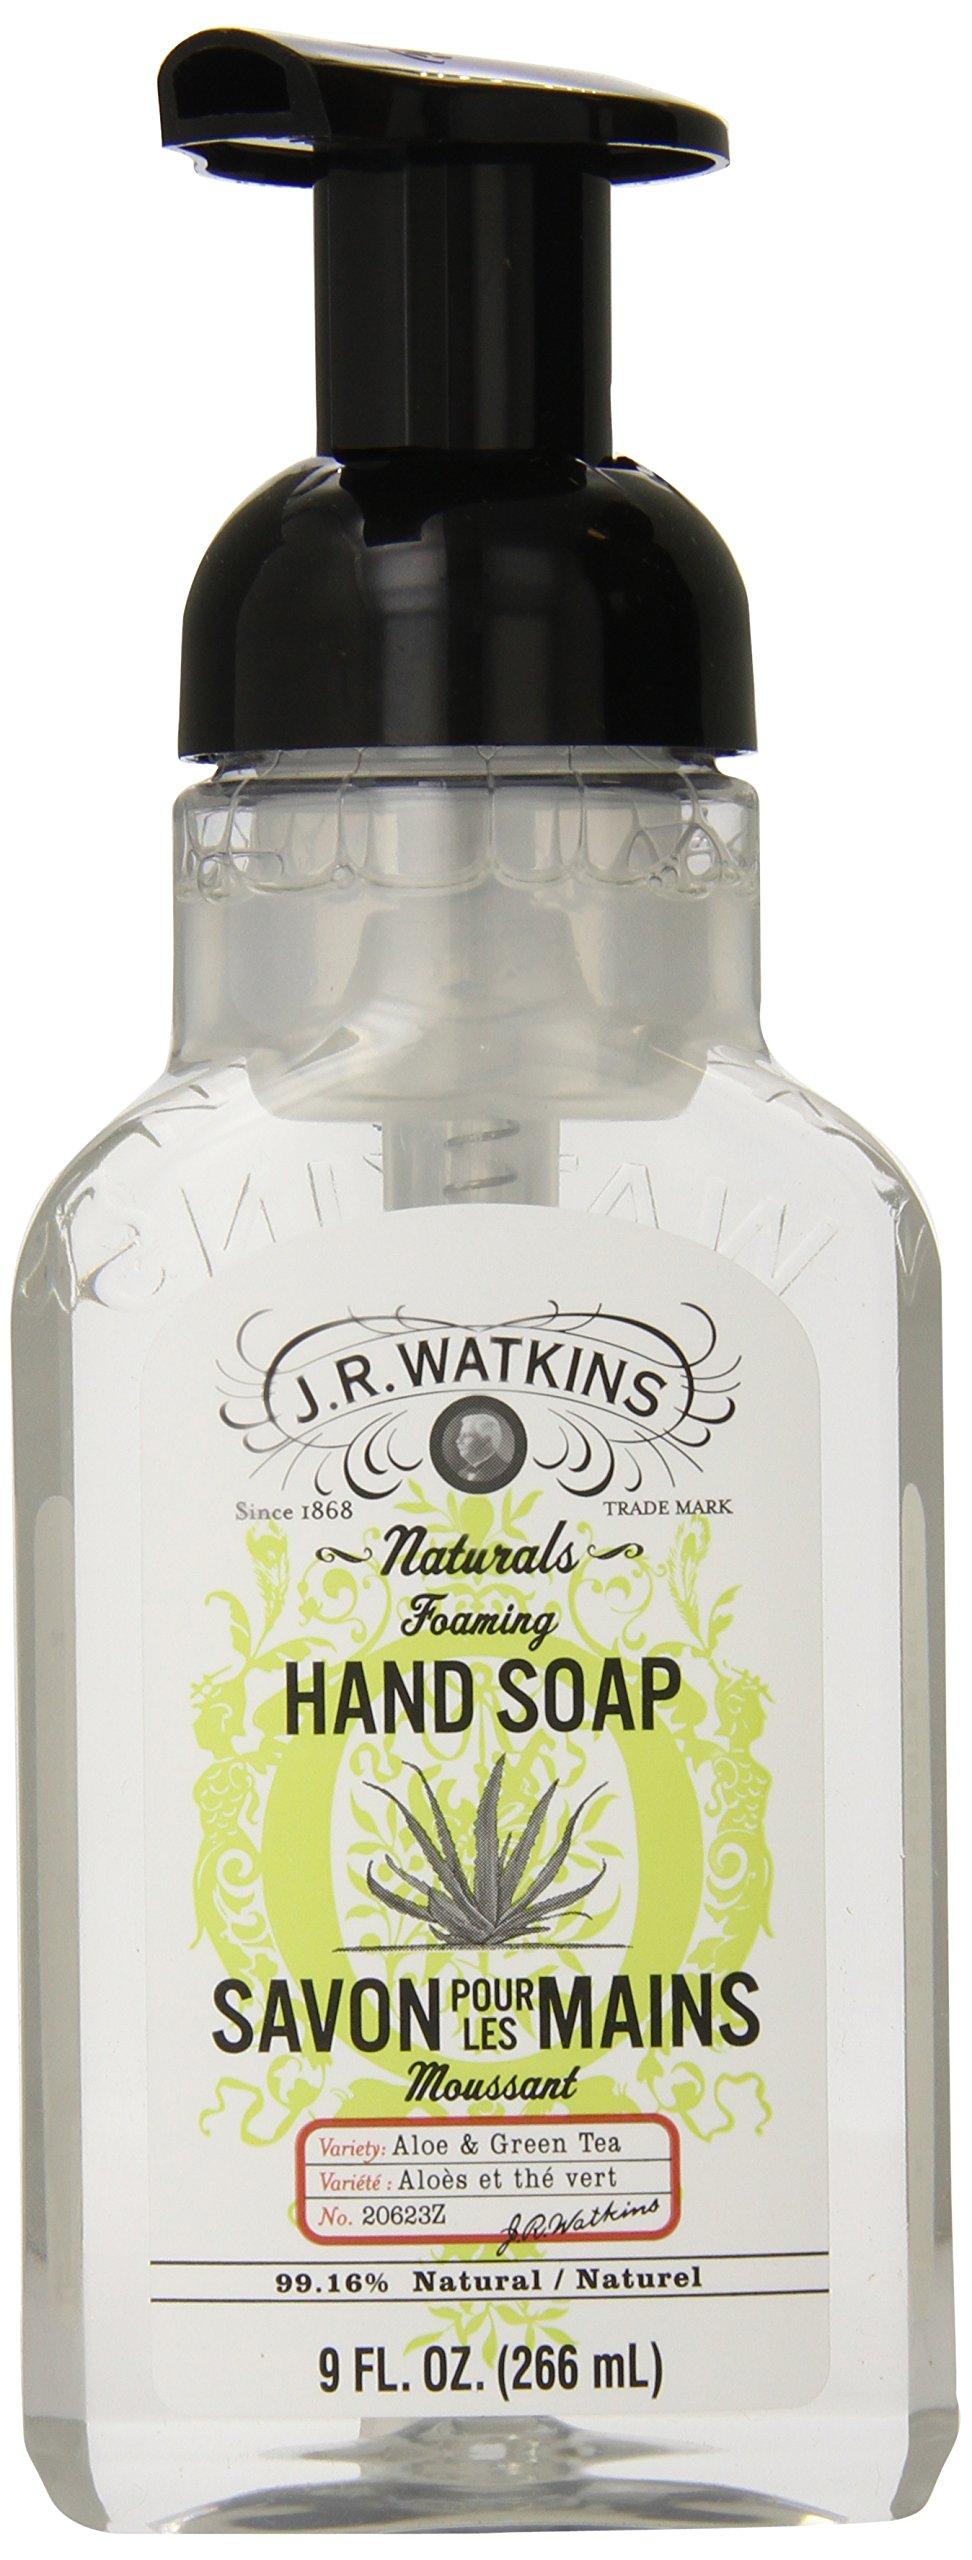 J.R. Watkins Foaming Hand Soap, Aloe & Green Tea, 9 ounce (Pack of 6) by J.R. Watkins (Image #1)